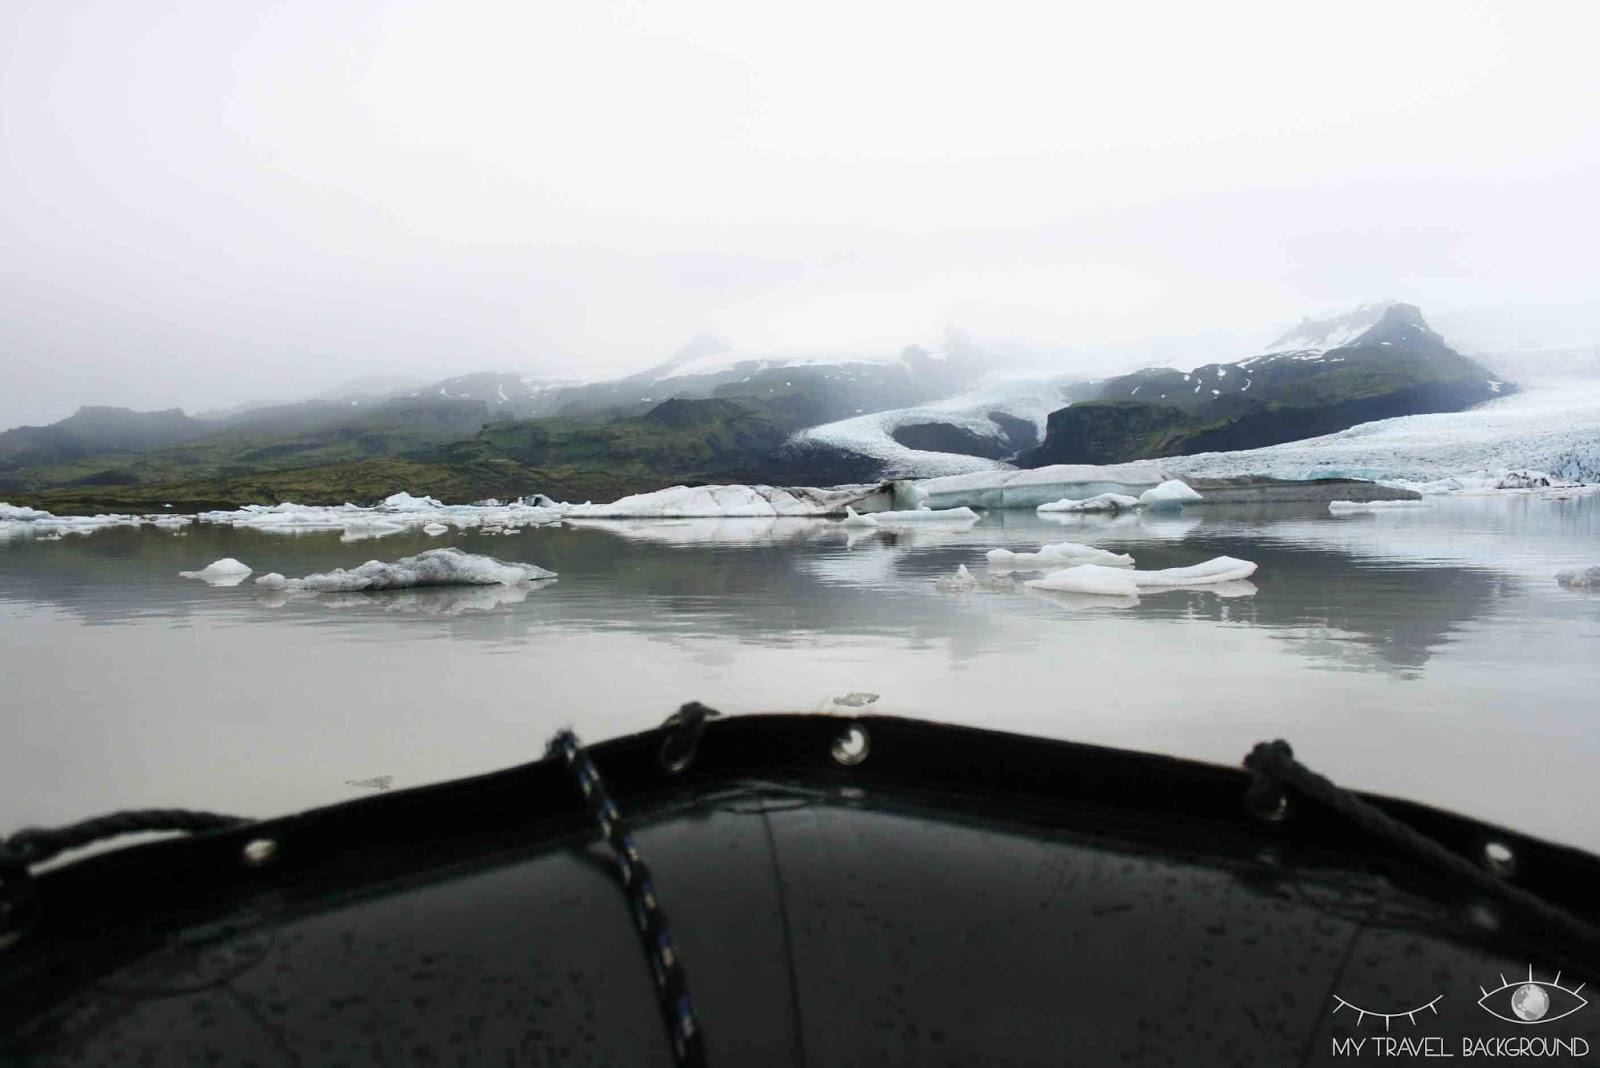 My Travel Background : 18 lieux à découvrir absolument en Islande, se promener au milieu des icebergs